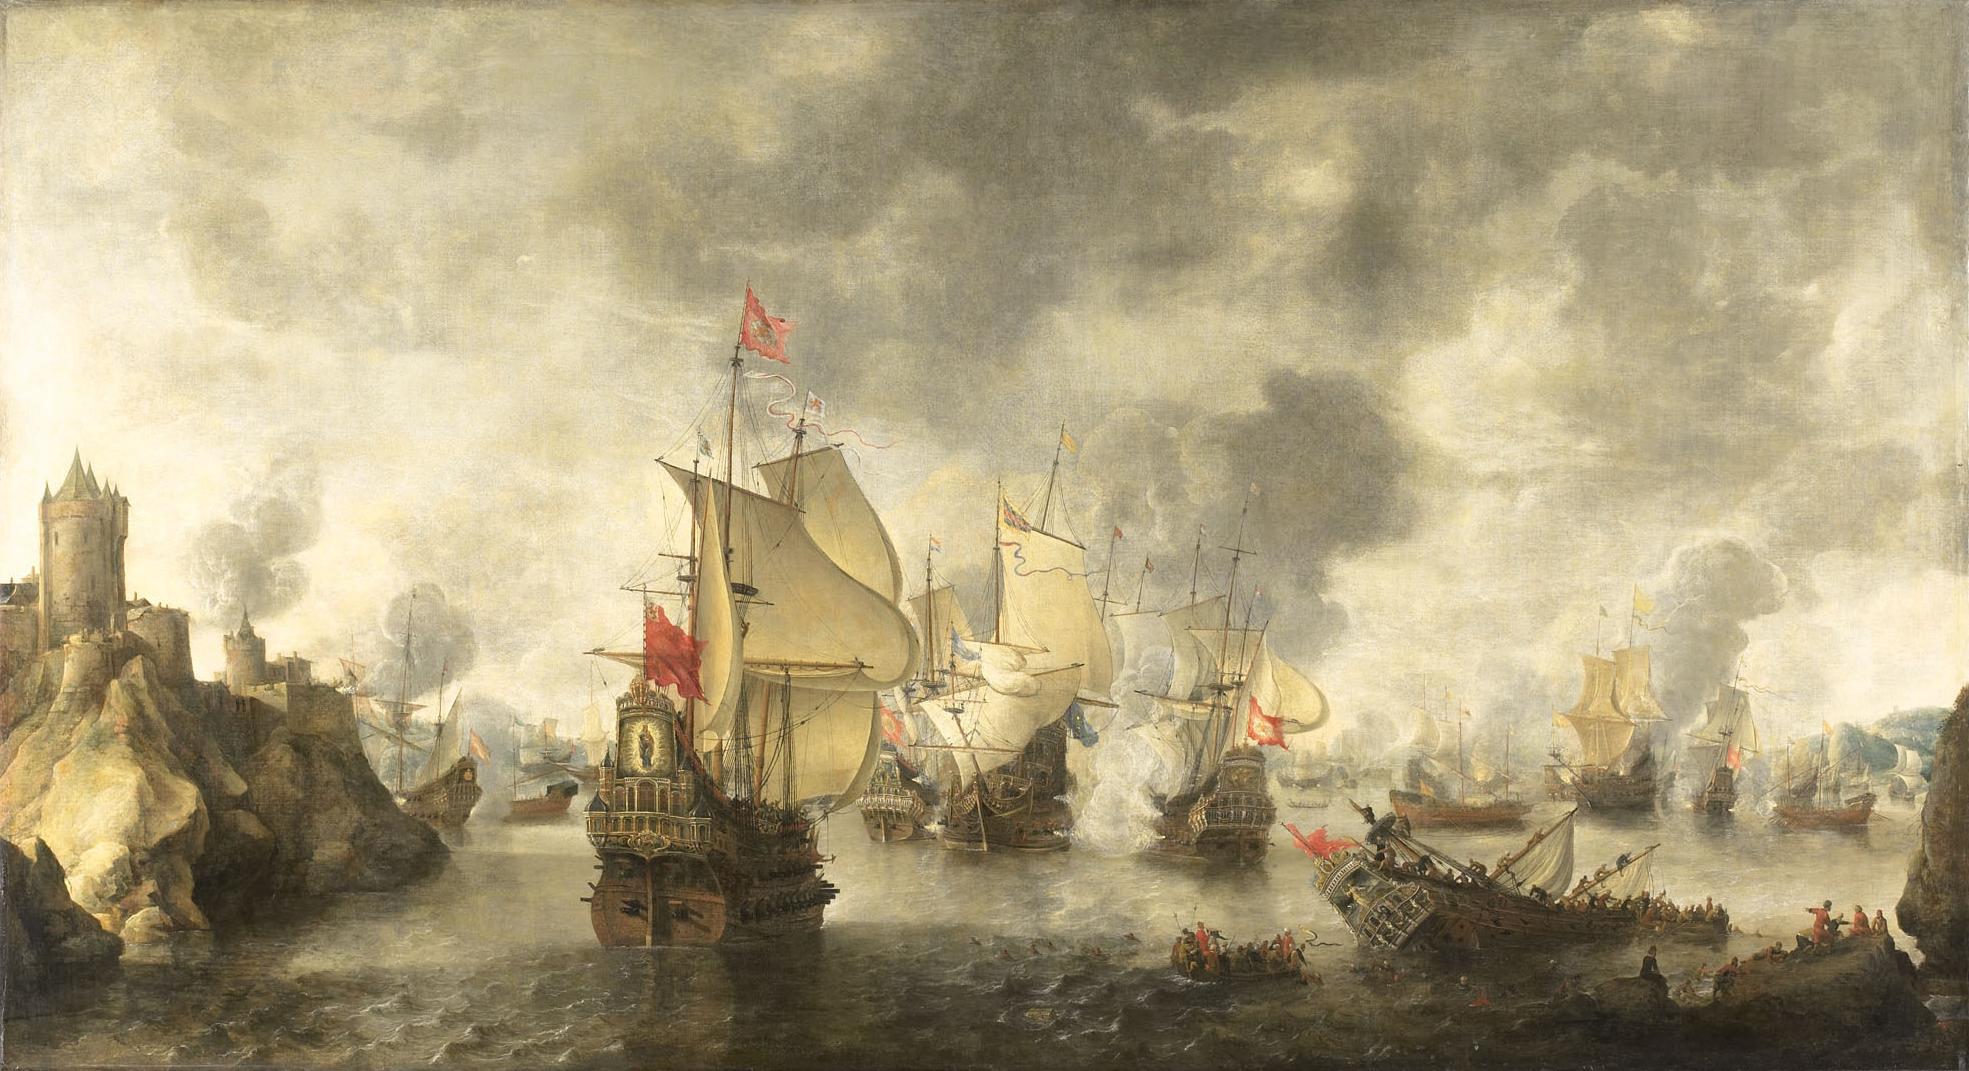 مفهوم الشبحية و تطبيقها في المجال البحري  Battle_of_the_combined_Venetian_and_Dutch_fleets_against_the_Turks_in_the_Bay_of_Foja_1649_%28Abraham_Beerstratenm,_1656%29